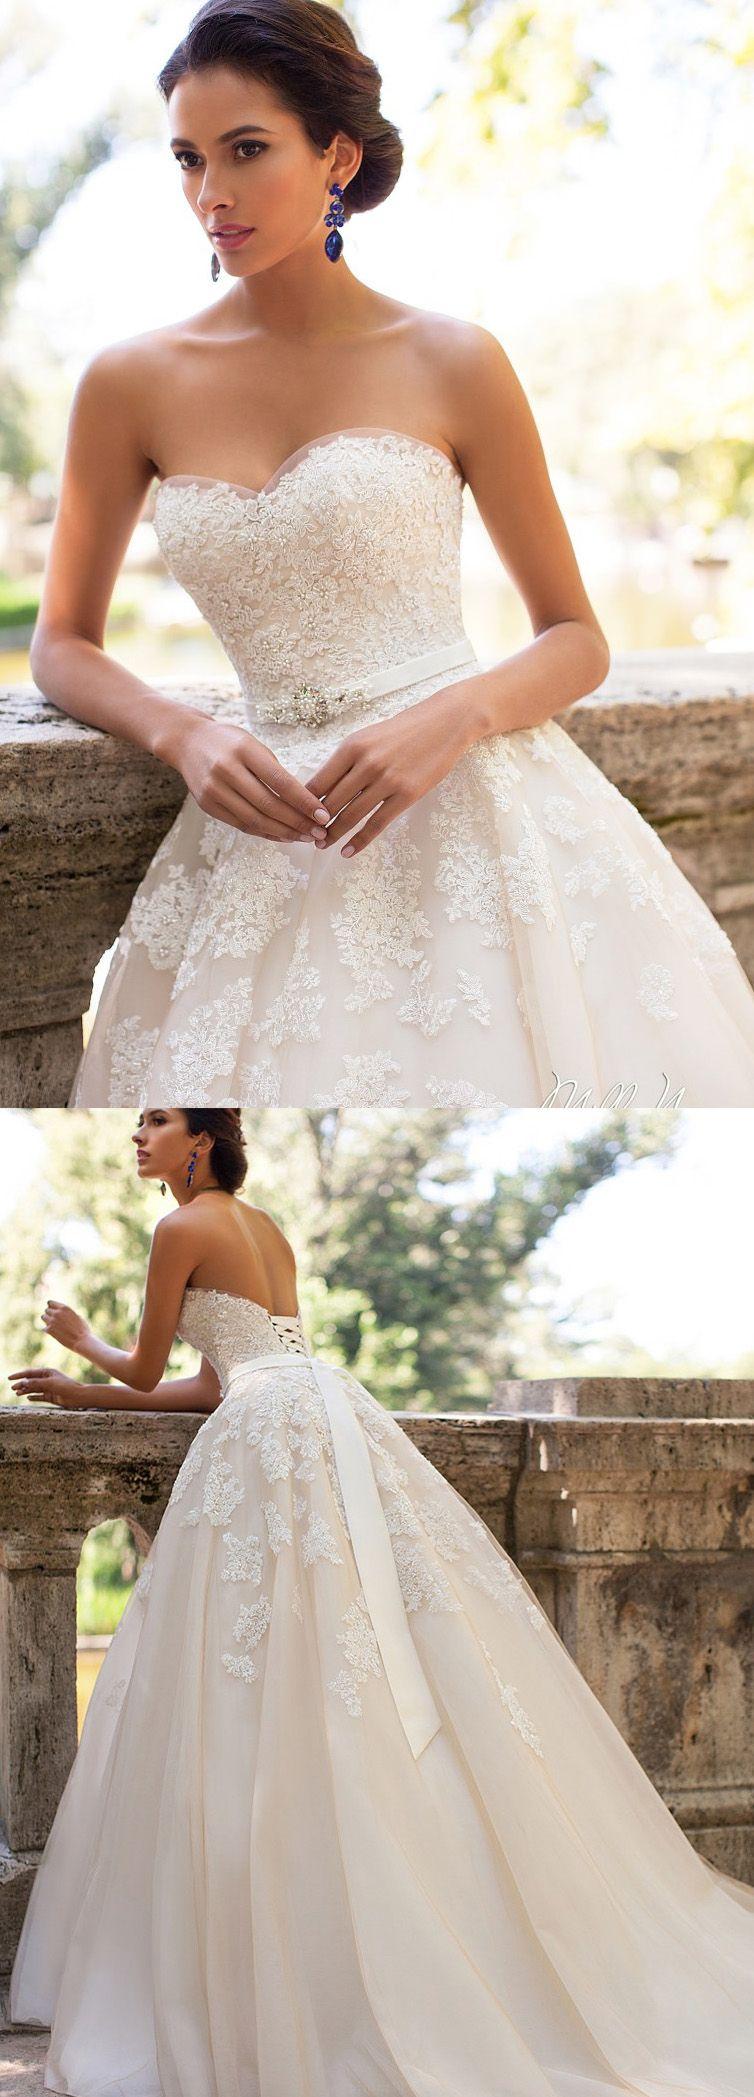 Pin von Edith Hughes auf Wedding Dresses | Pinterest ...